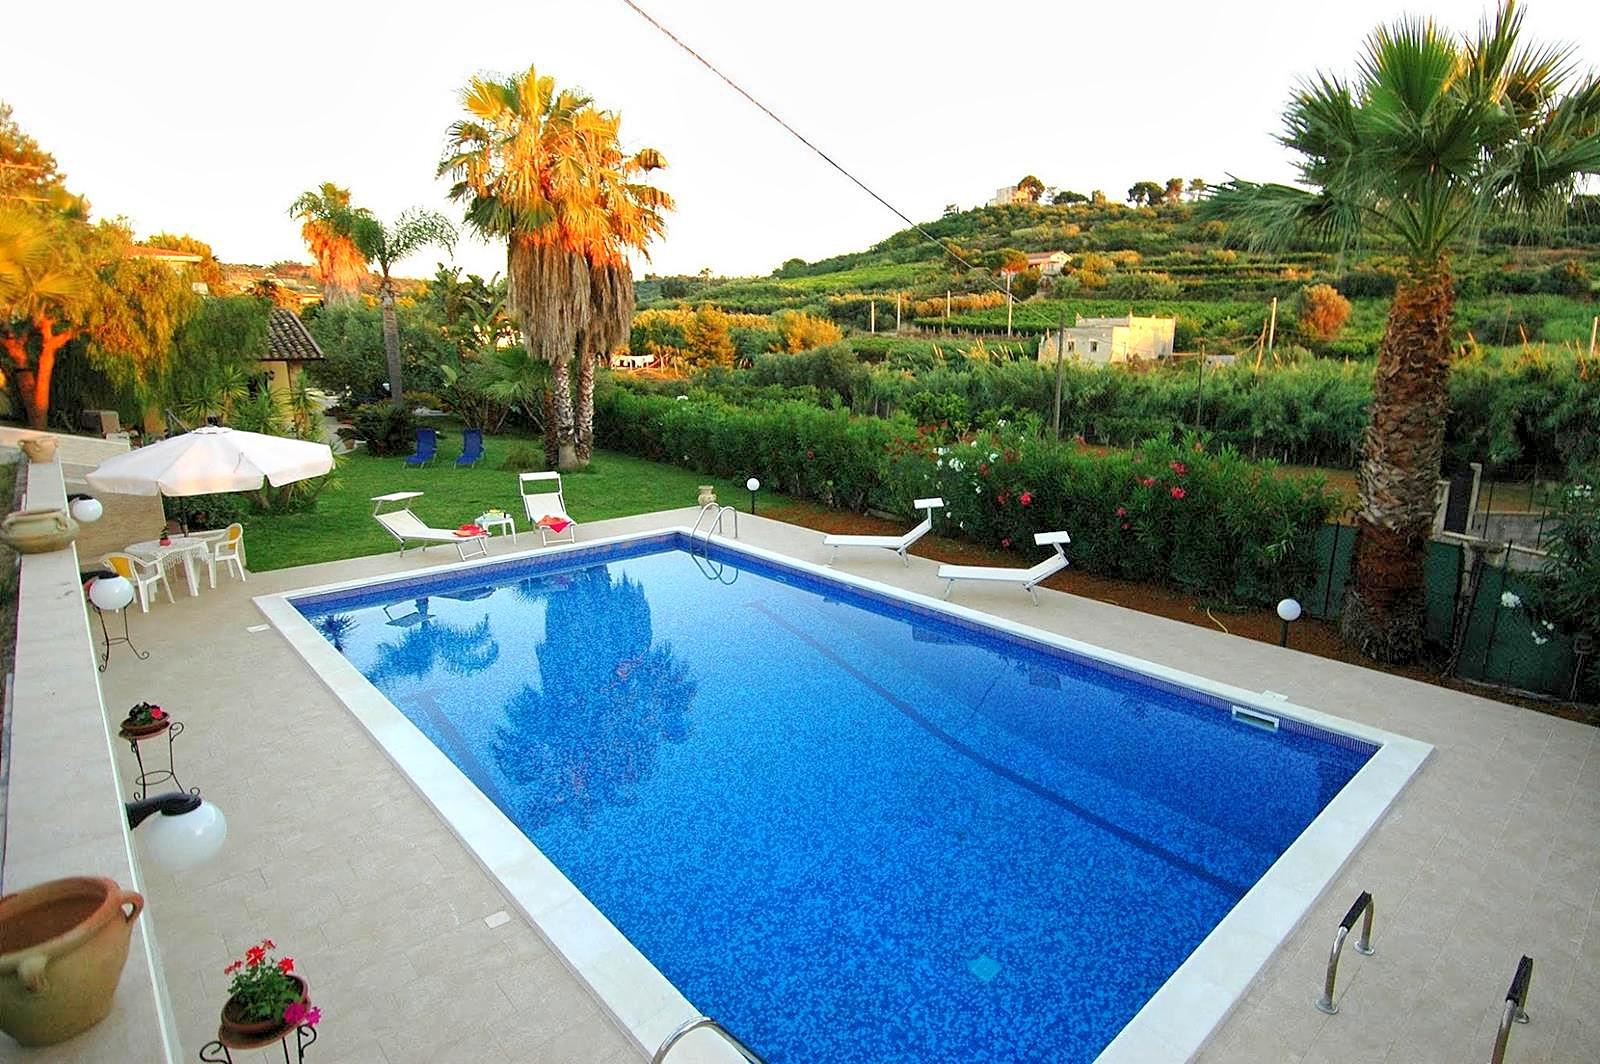 Vakantiehuis in Trappeto met zwembad, in Sicilie.